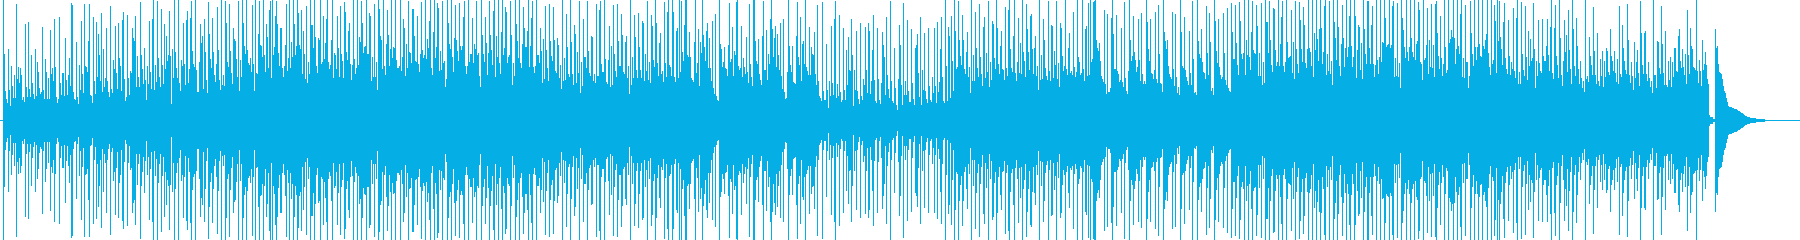 アコースティック-ギター-爽やか-ピアノの再生済みの波形